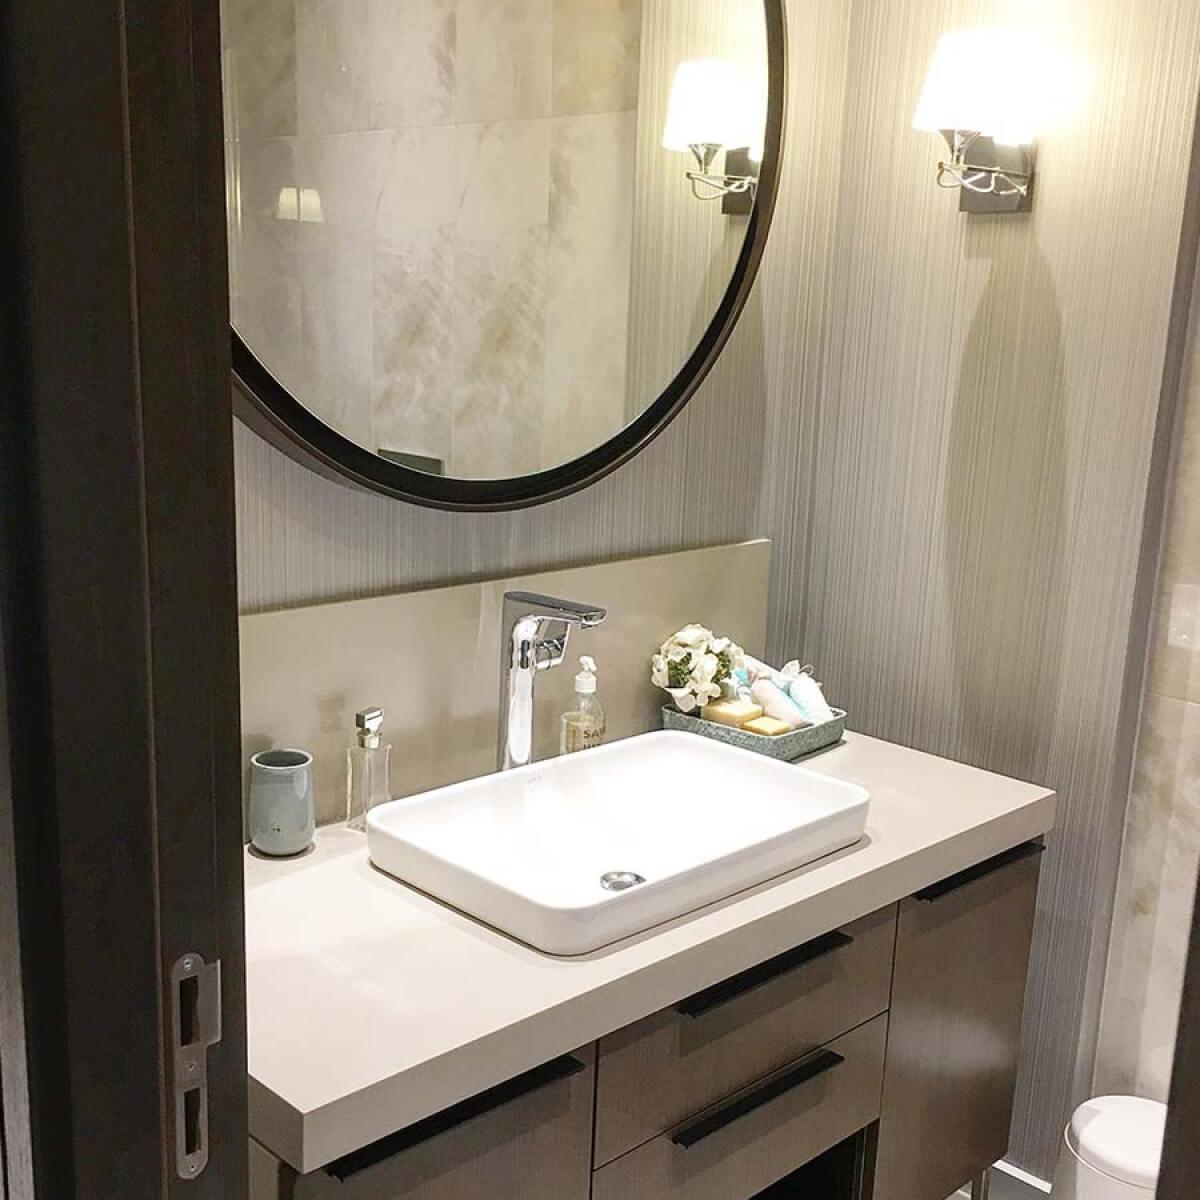 Mebran Kapaklı Banyo Dolabı